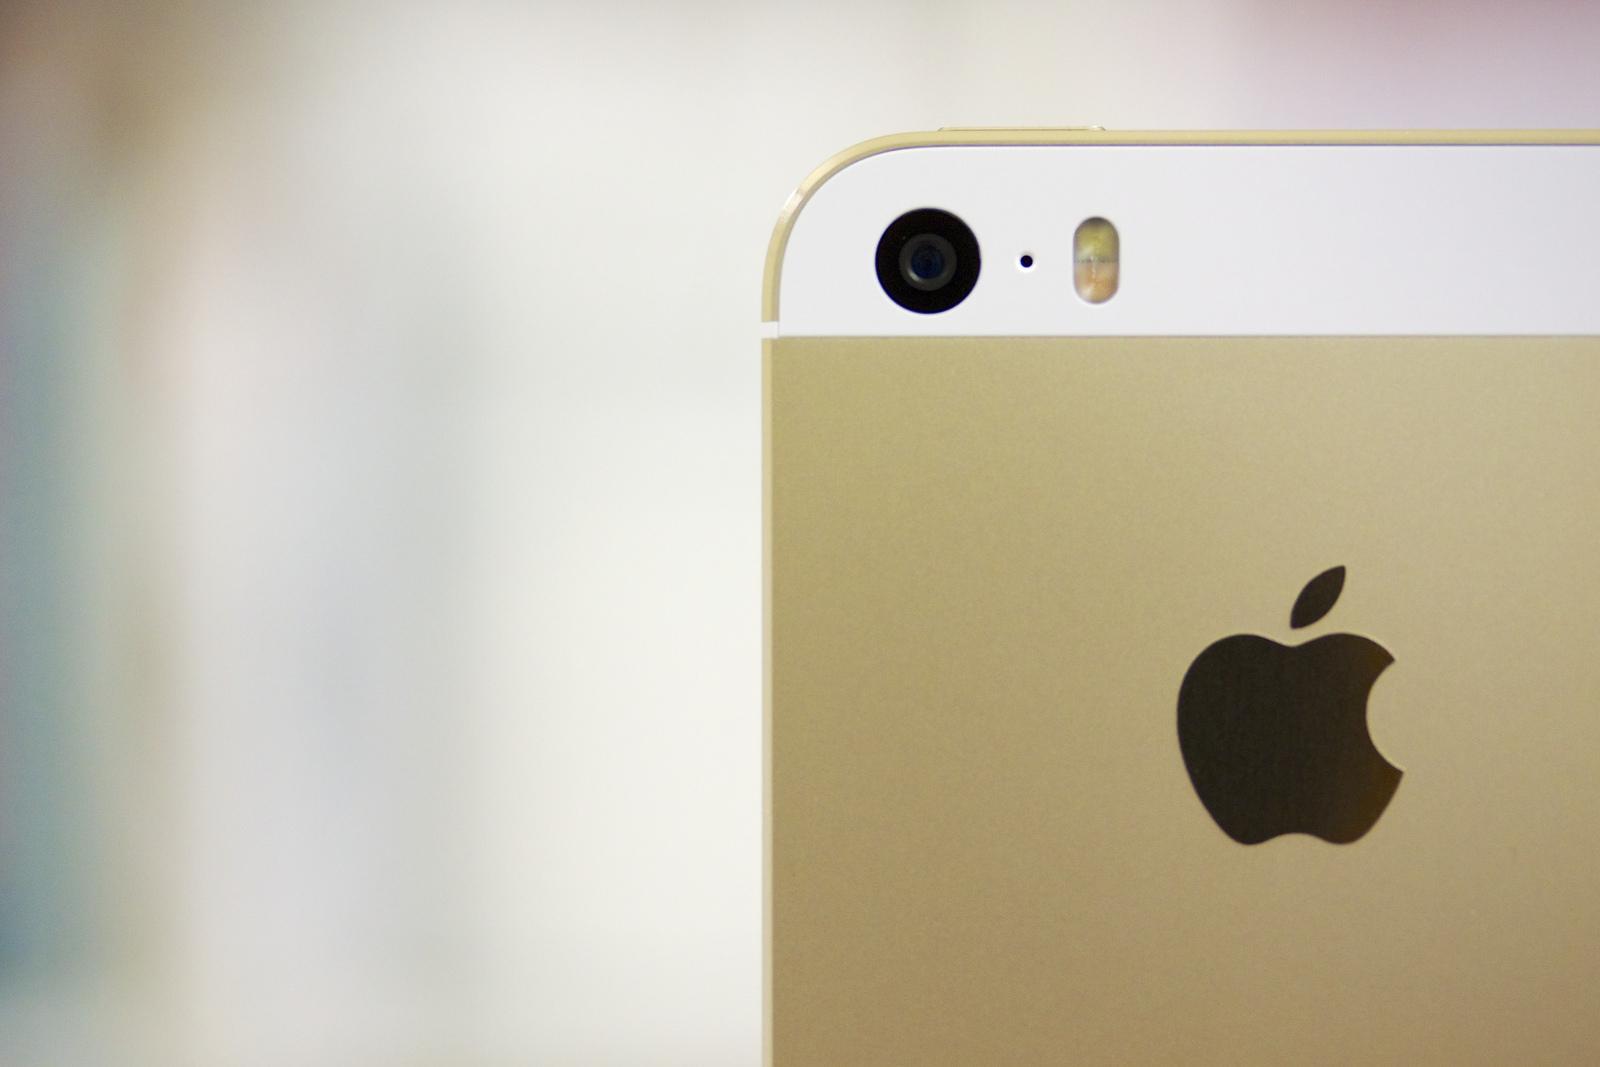 iPhone 5sの入荷状況が改善!全キャリアで即日持ち帰り可能に!